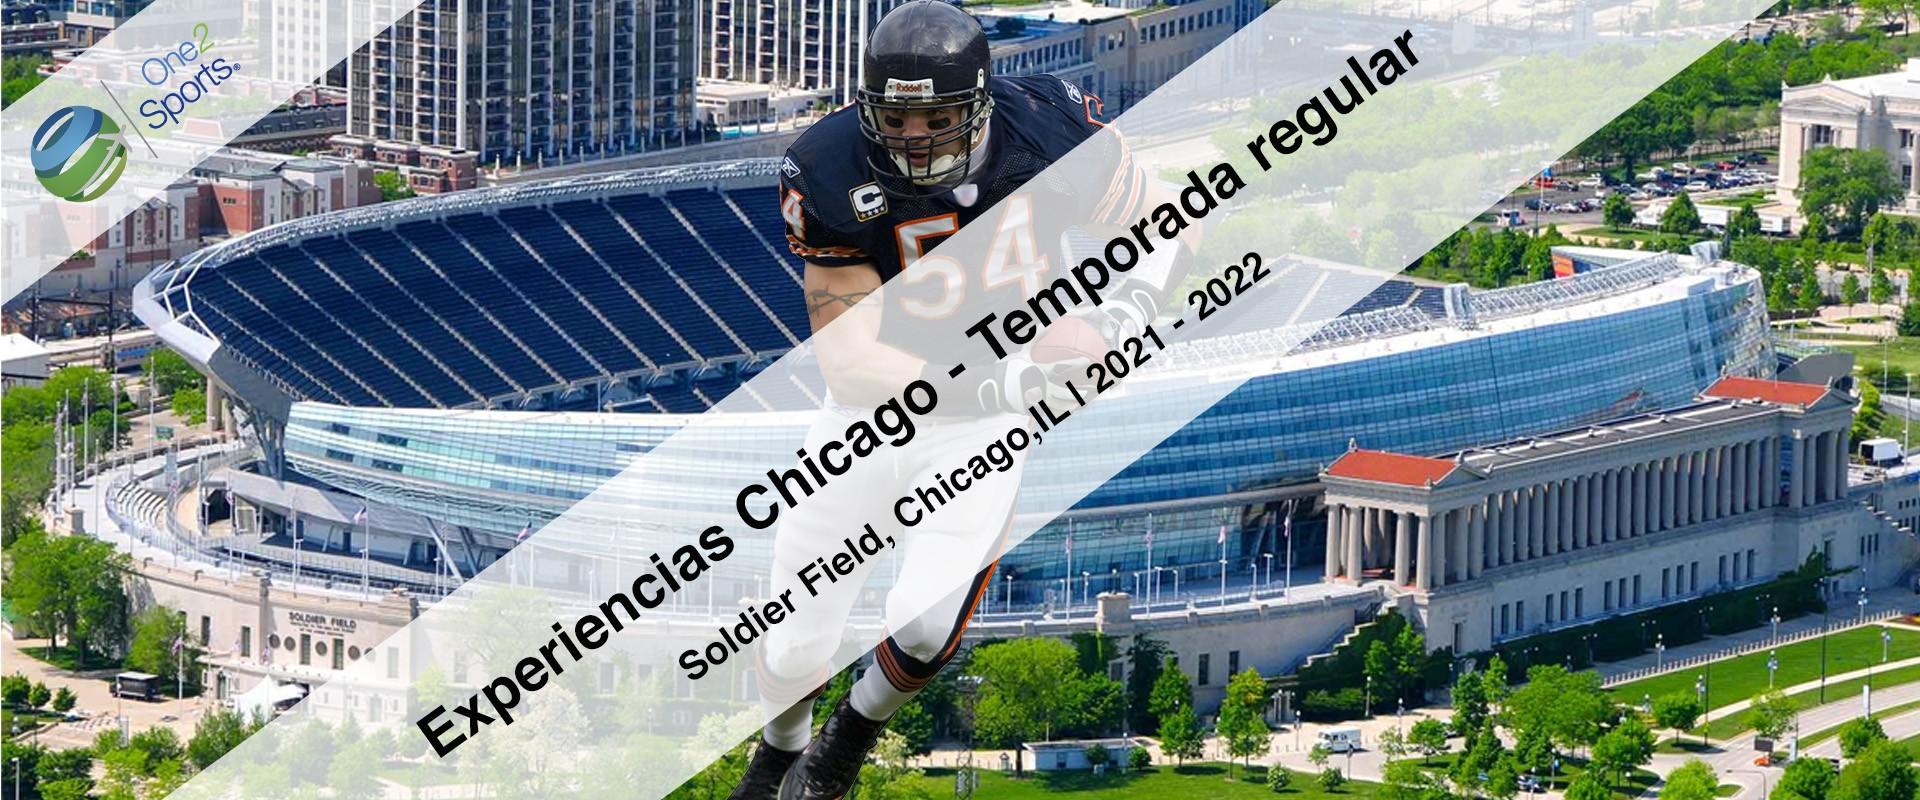 Calendario Chicago